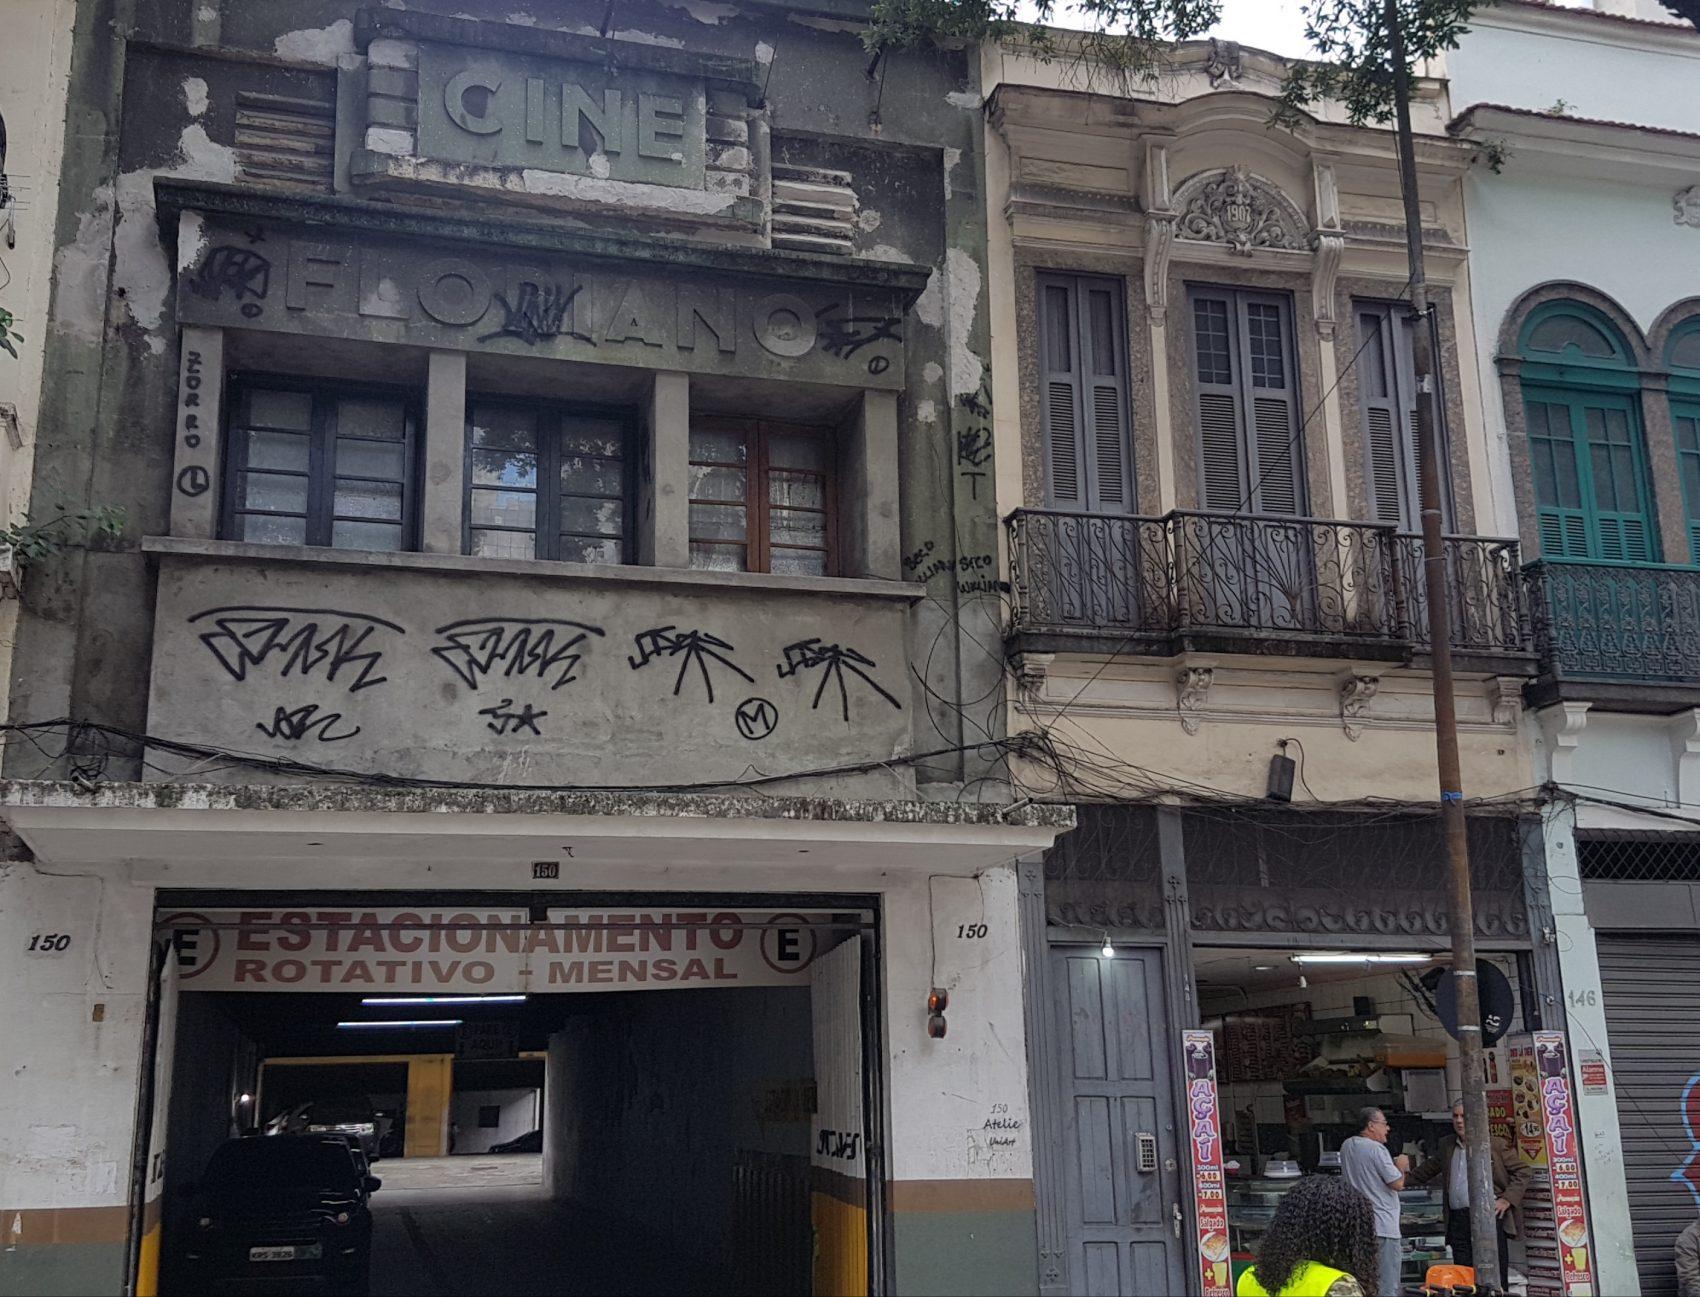 Fachada mal-tratada do Cine Floriano, inaugurada em 1936 e fechado há décadas, ao lado de sobrado de 1907: conservação precária (Foto: Oscar Valporto)